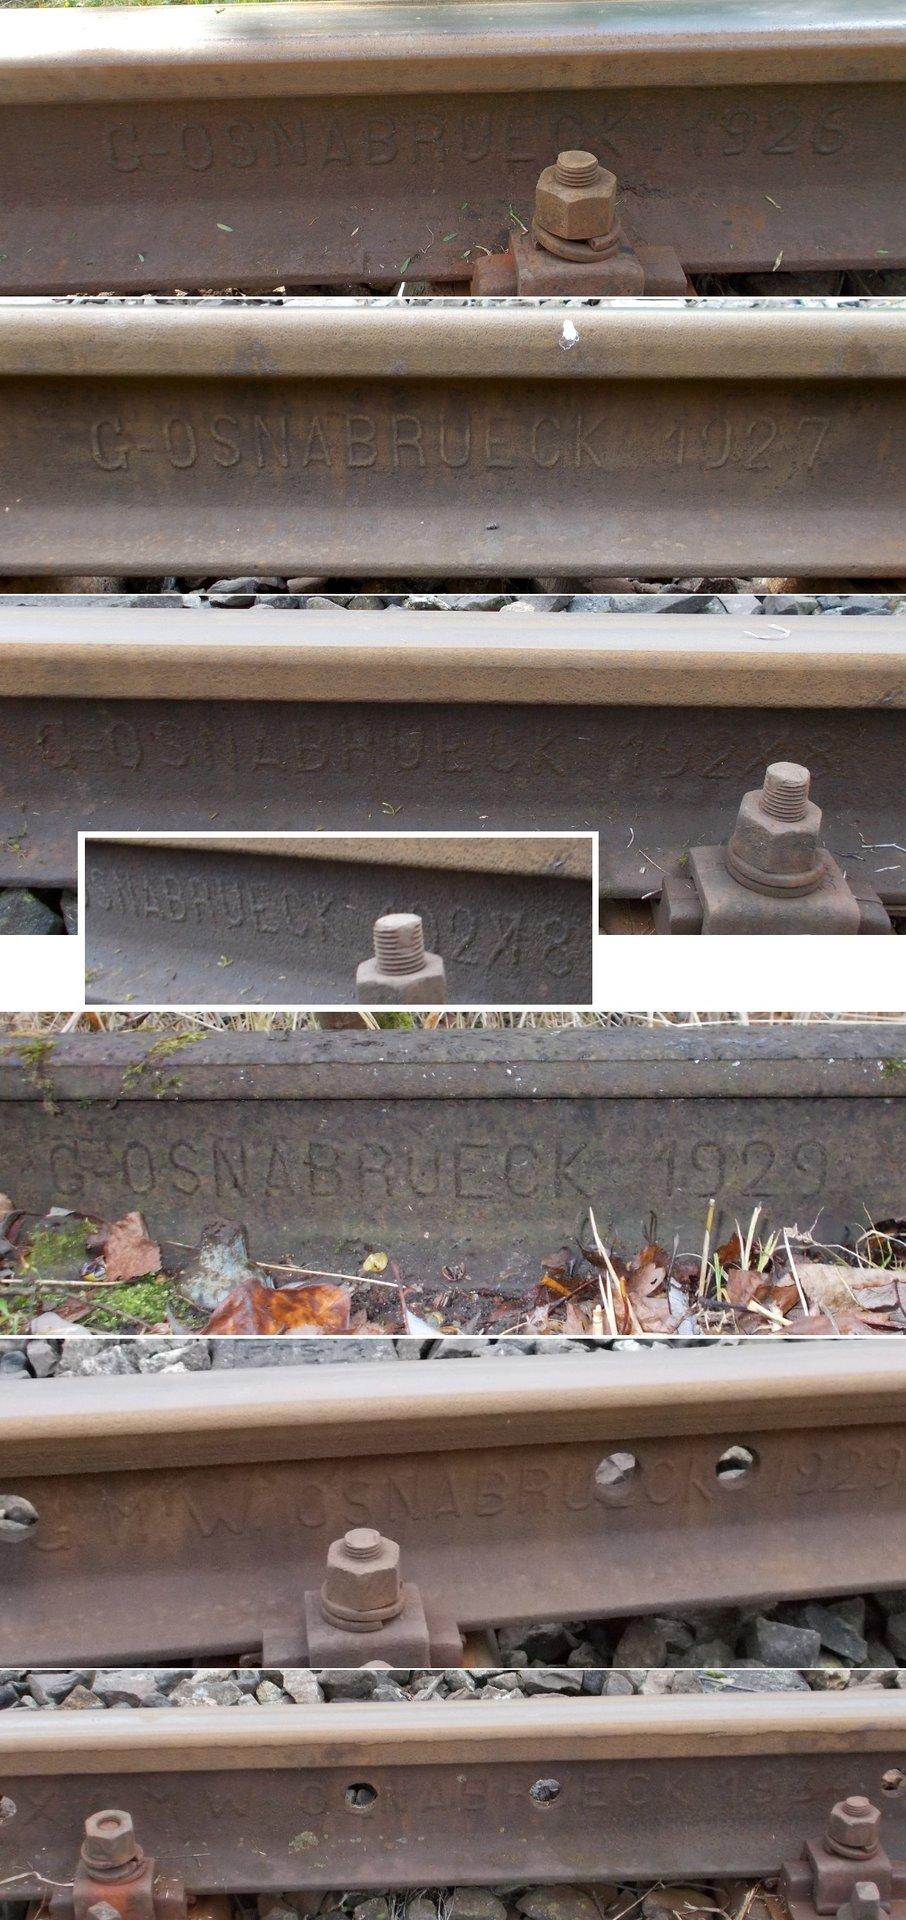 Szyny OSNABRUECK linii kolejowej nr 221.jpg